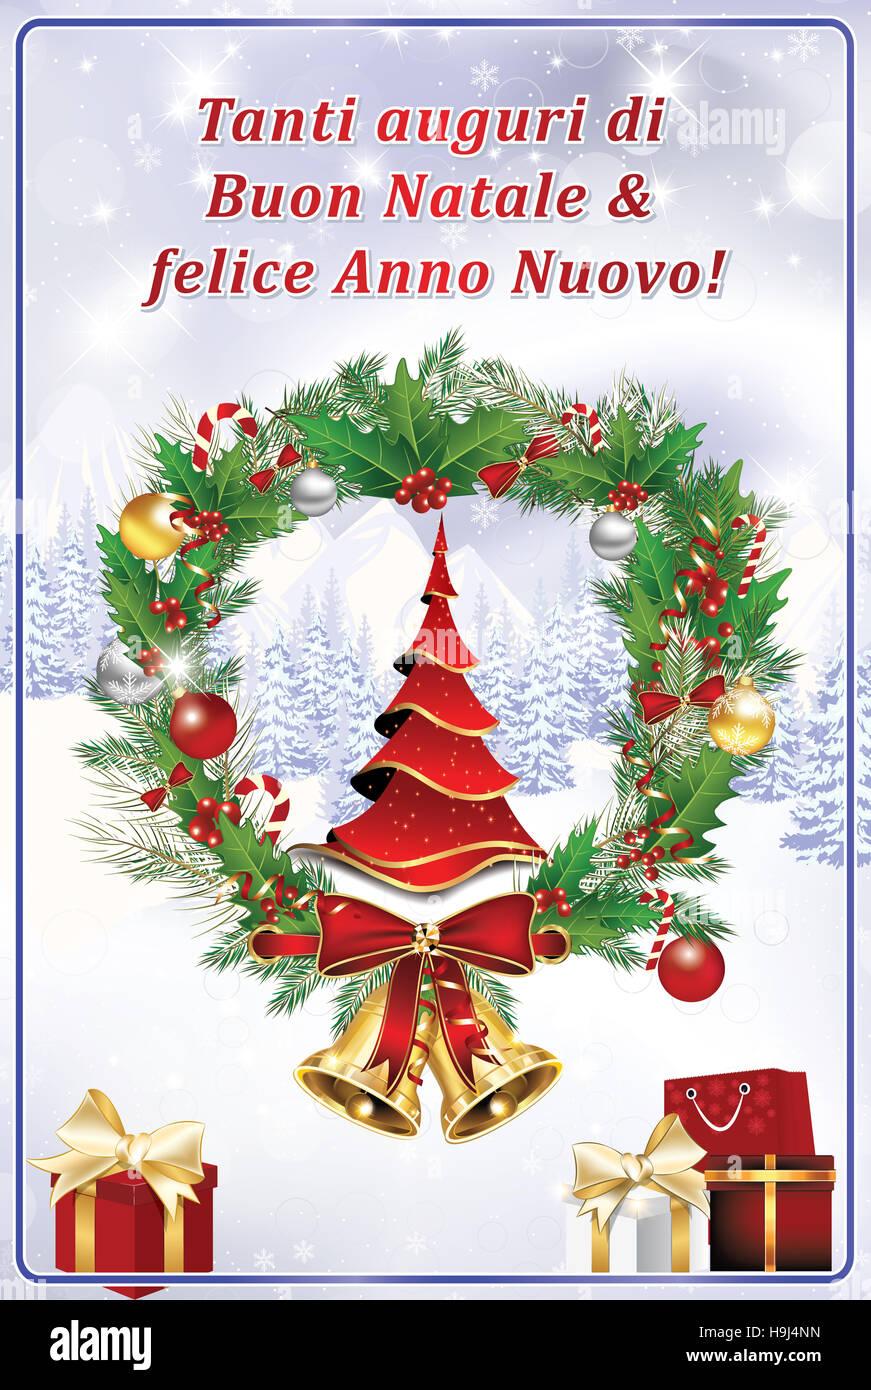 Immagini Auguri Di Natale E Buon Anno.Tanti Auguri Di Buon Natale E Felice Anno Nuovo Biglietto D